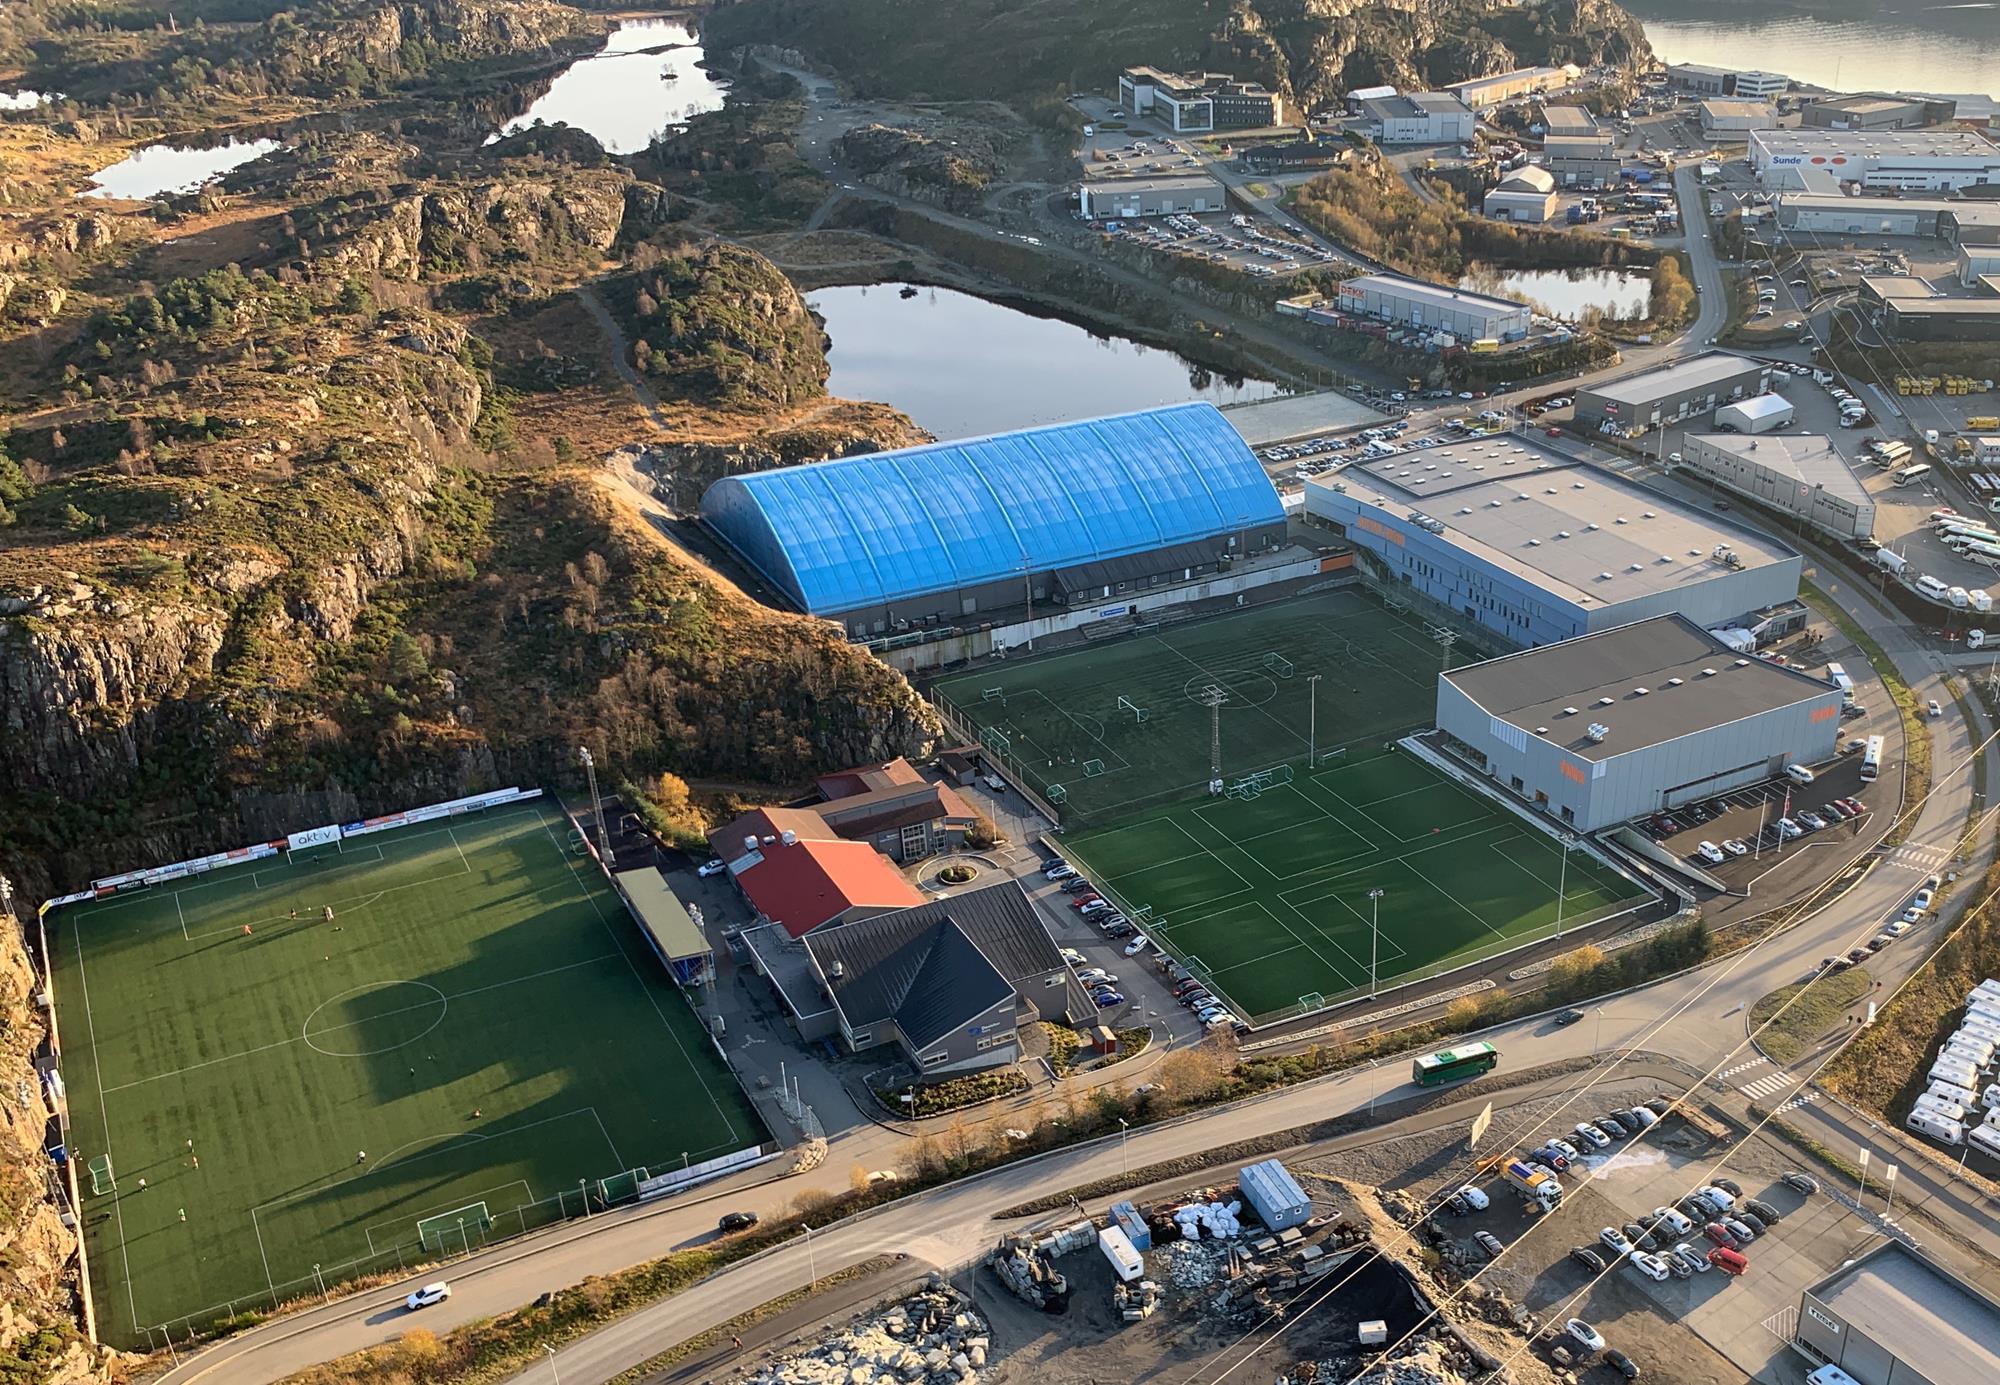 Luftfoto%20Idrettsparken6%20%28Copy%29.jpg